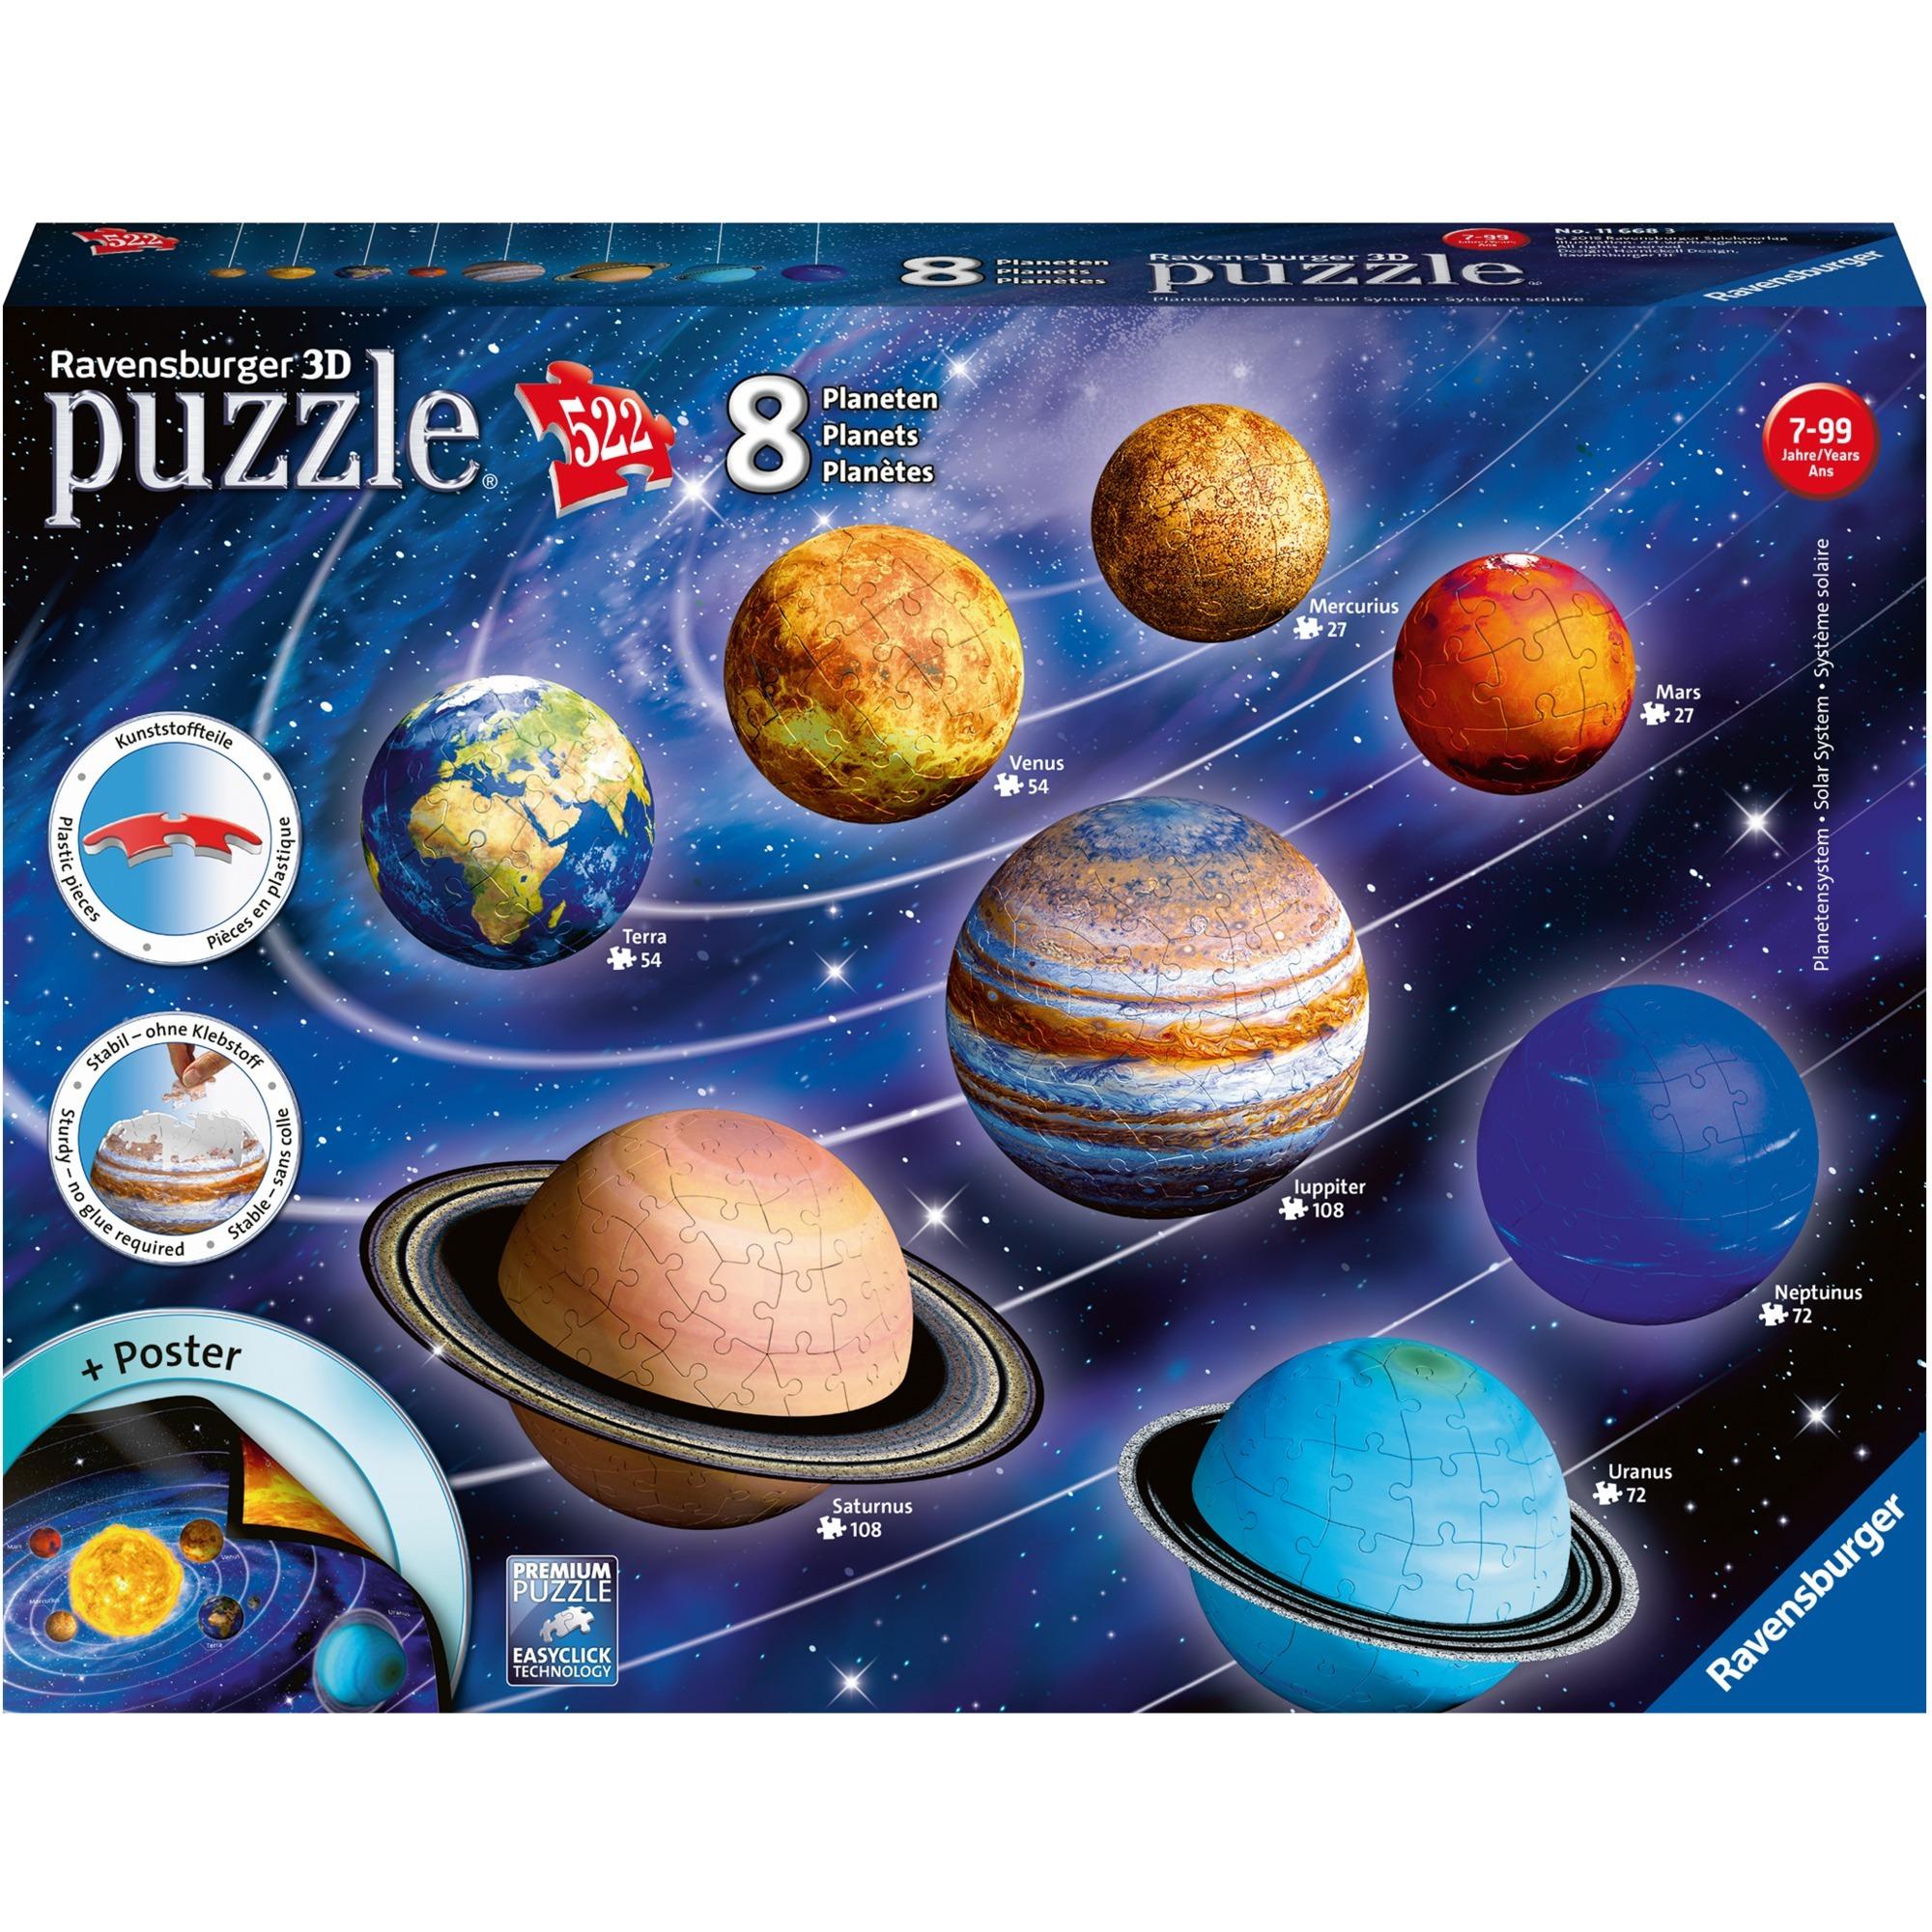 00.011.668 puzle 3D, Puzzle